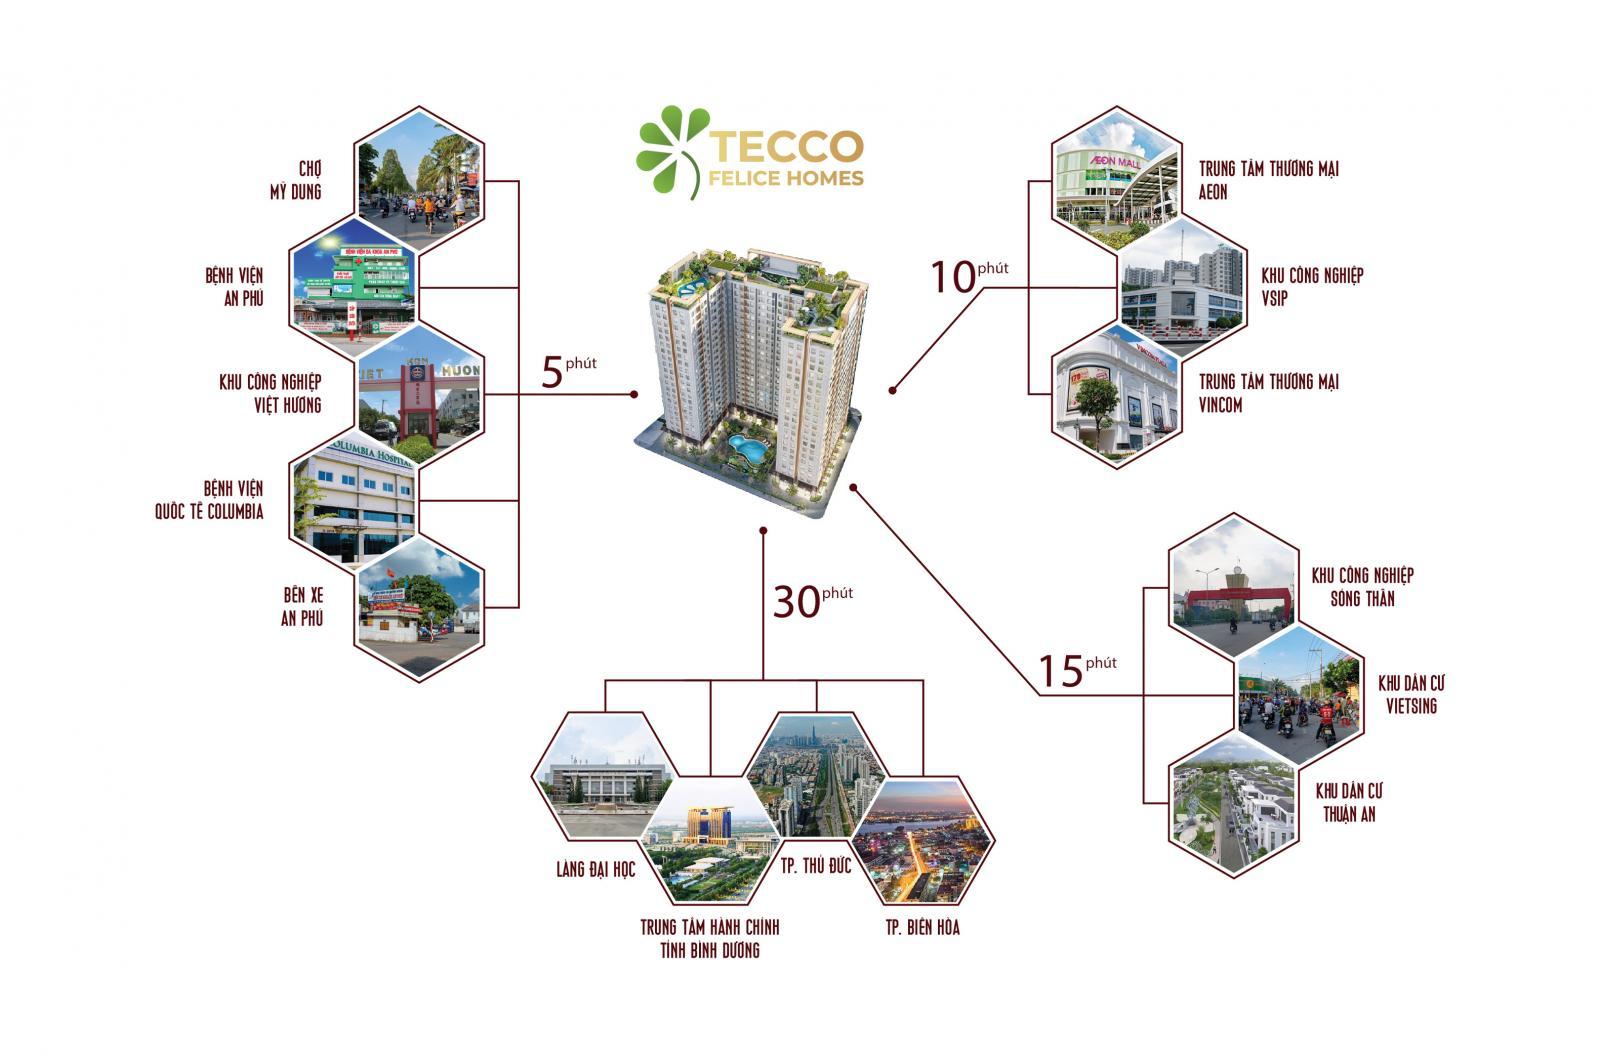 Mô tả tiện ích ngoại khu của dự án Tecco Felice Homes.